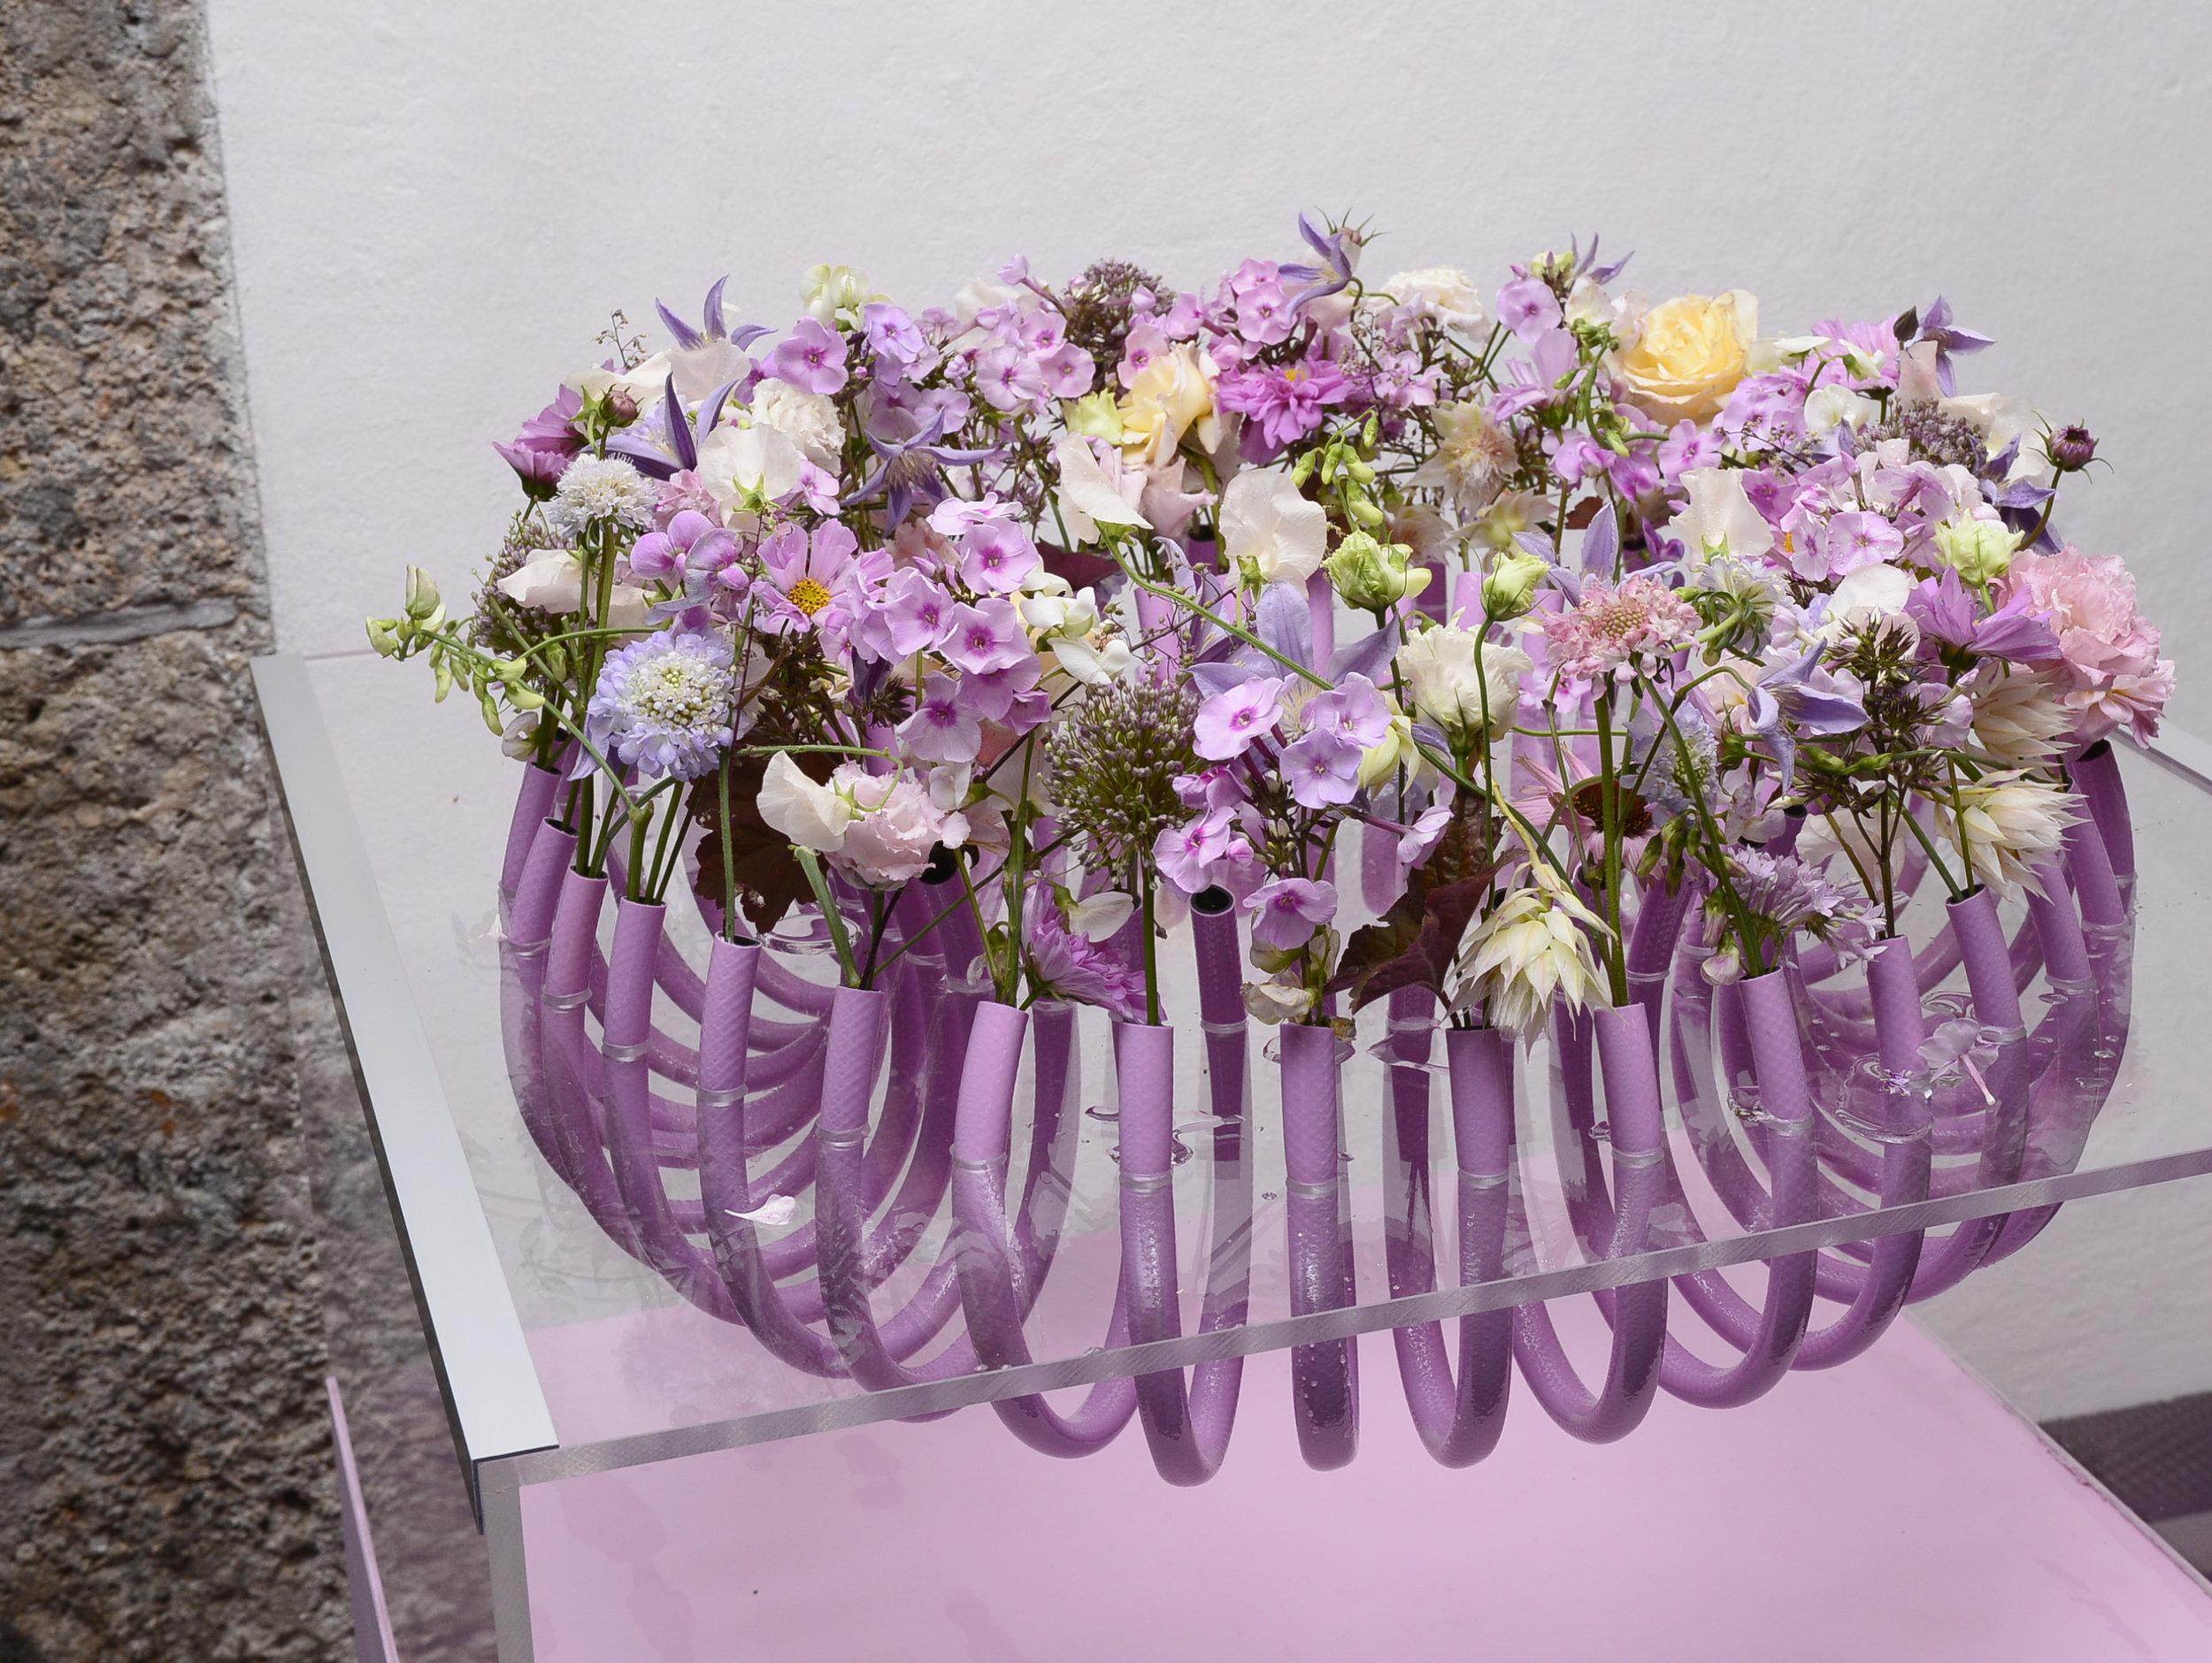 Valentina Messmer verstand es meisterlich, blütenreiche Opulenz mit innovativer Idee zu verknüpfen.